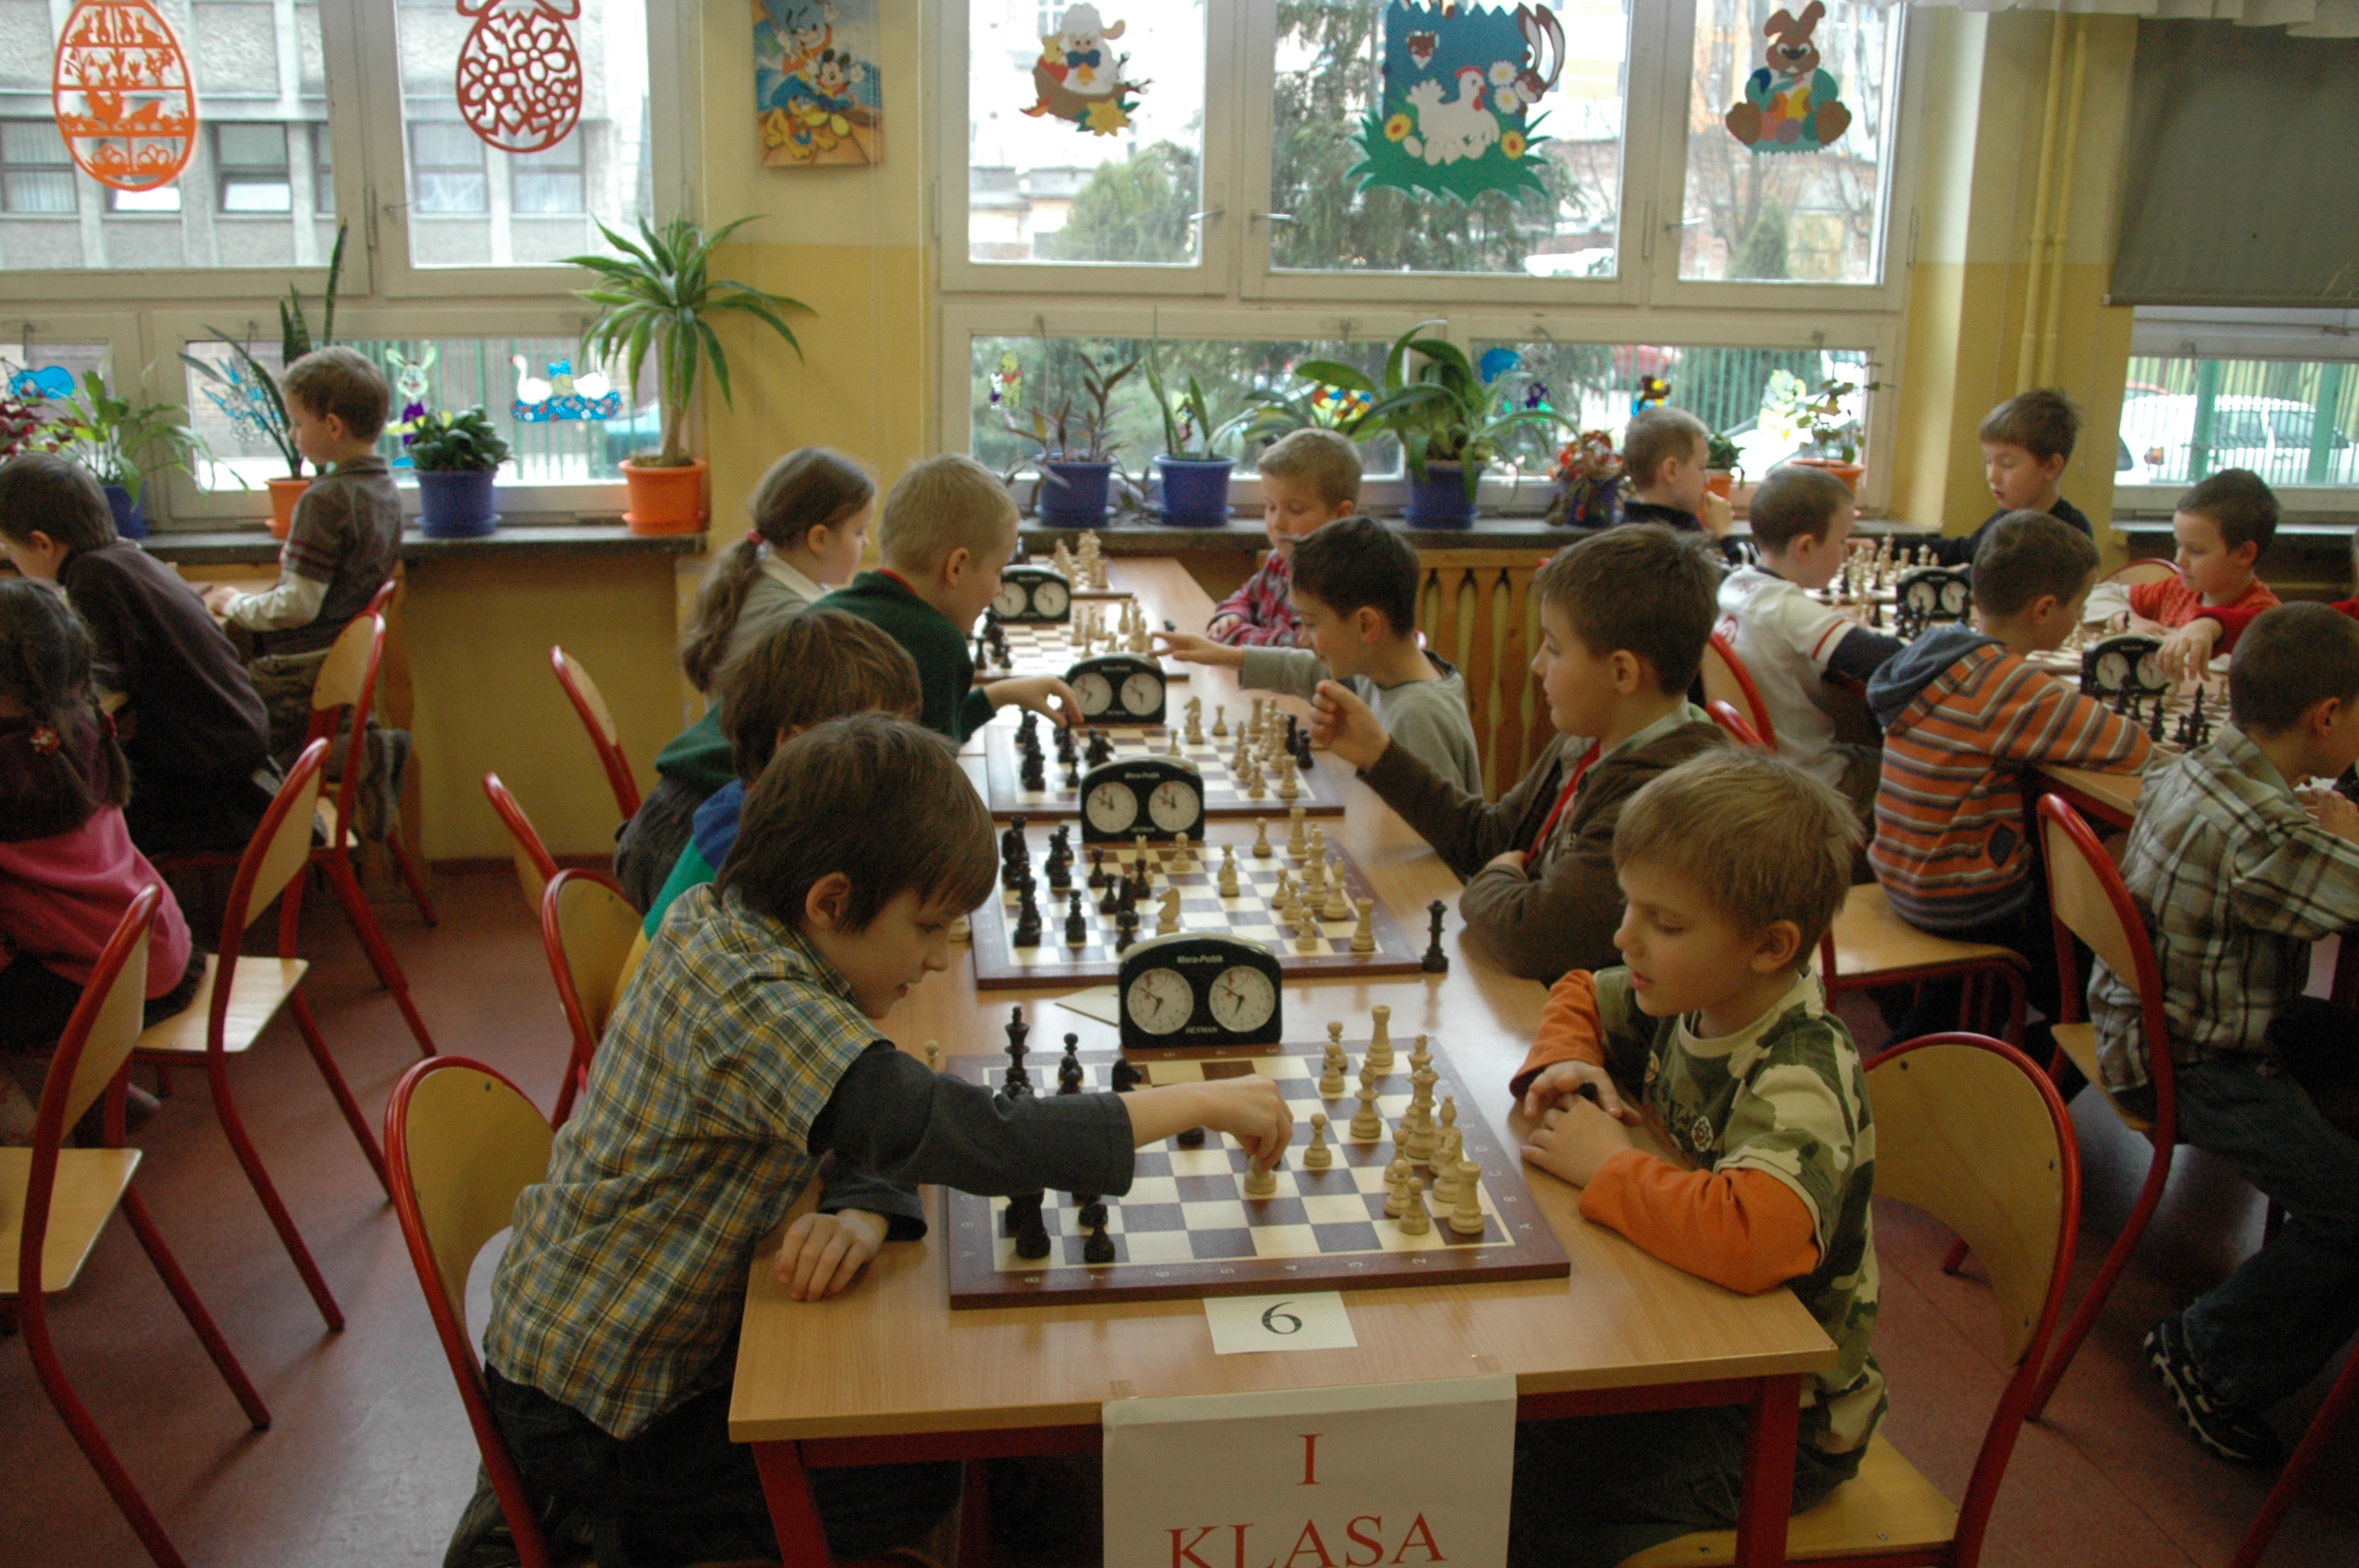 zajecia-szachowe-dla-dzieci-w-szkolach